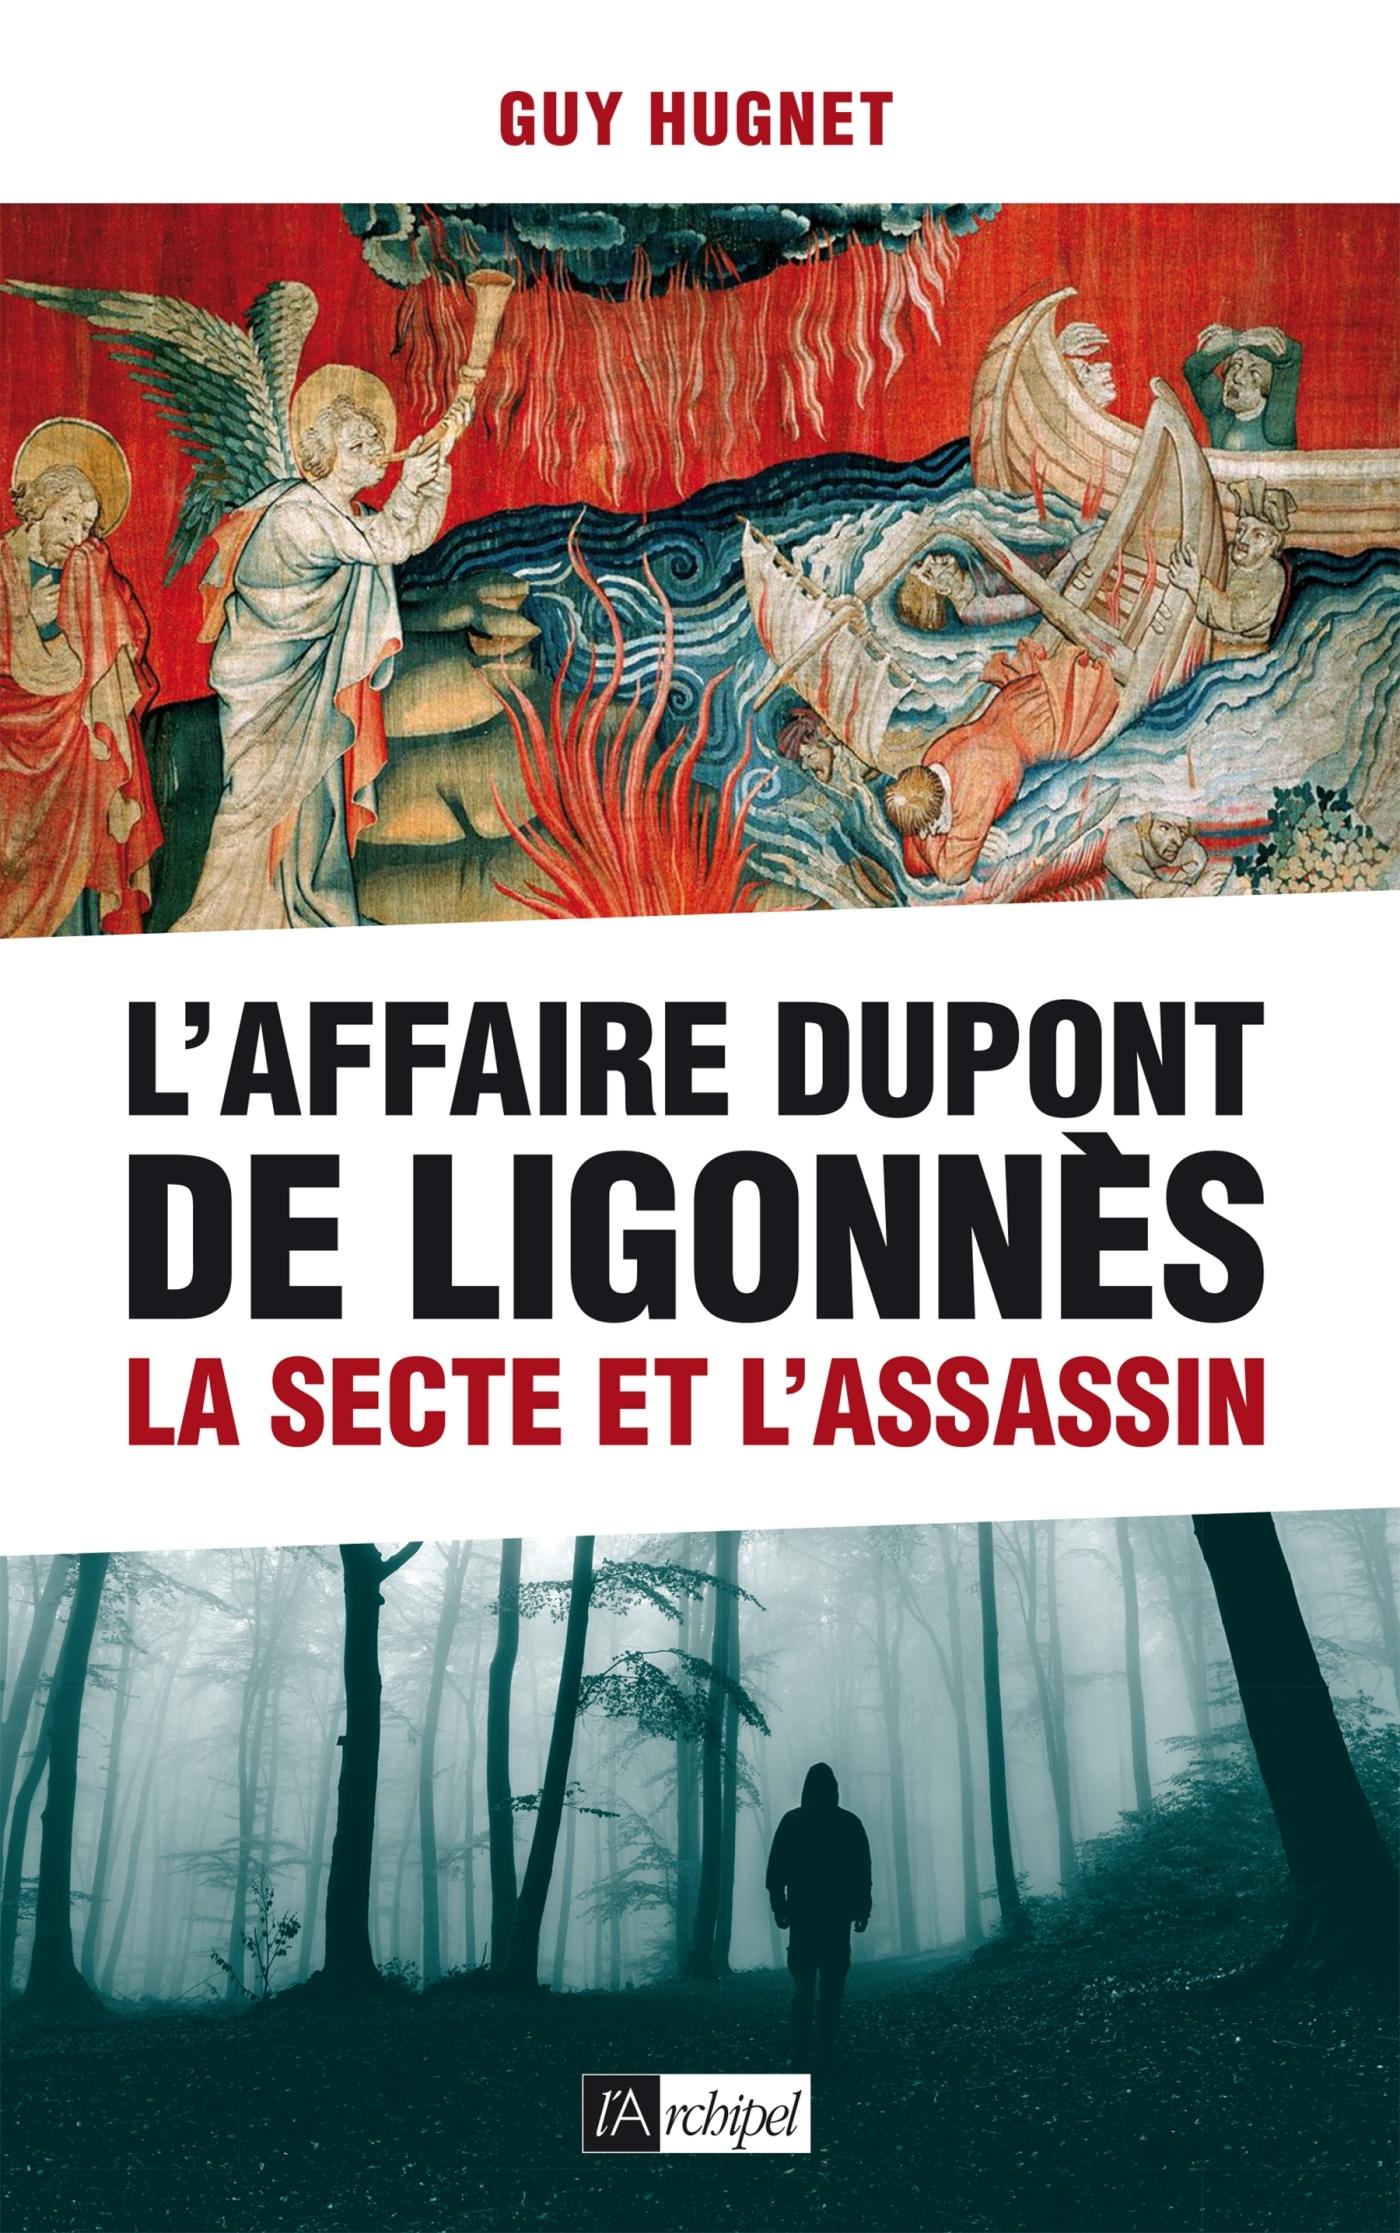 L'AFFAIRE DUPONT DE LIGONNES